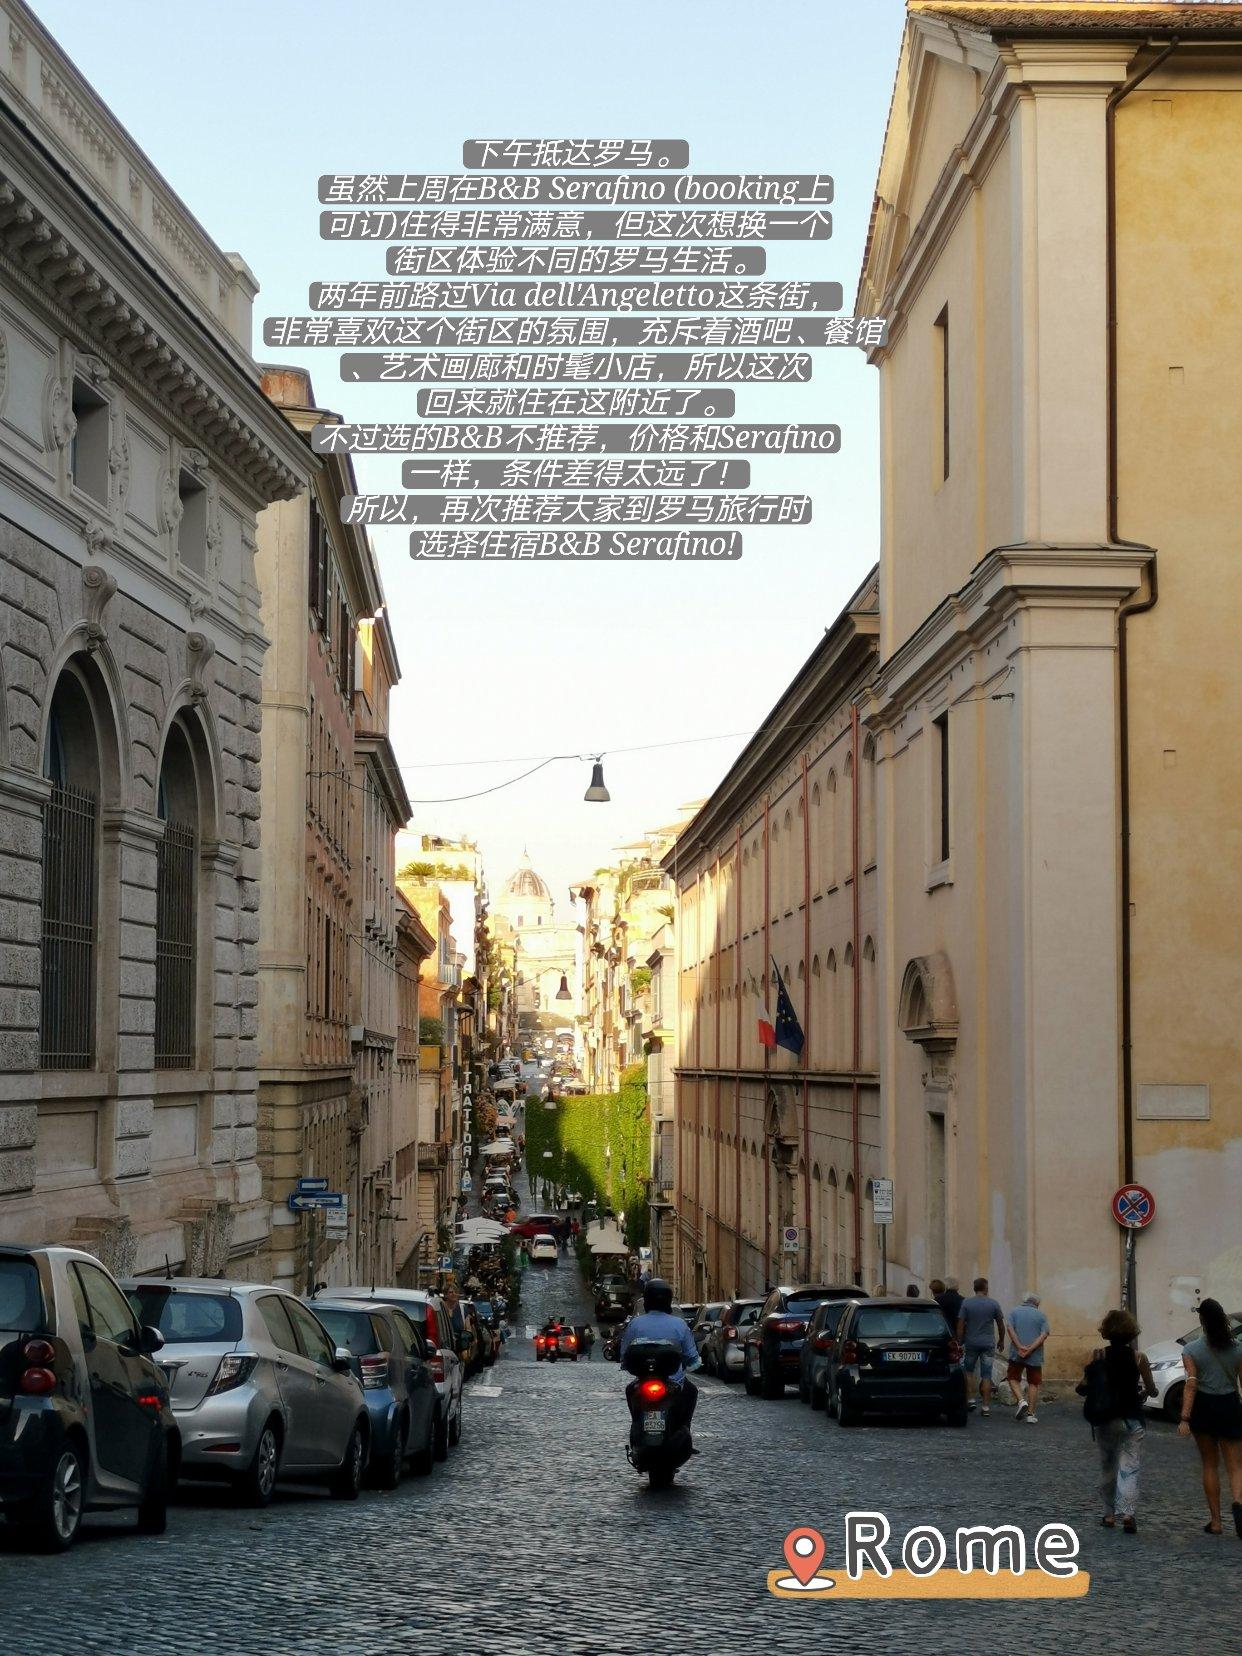 2021年9月24日,🇮🇹那不勒斯—>罗马。